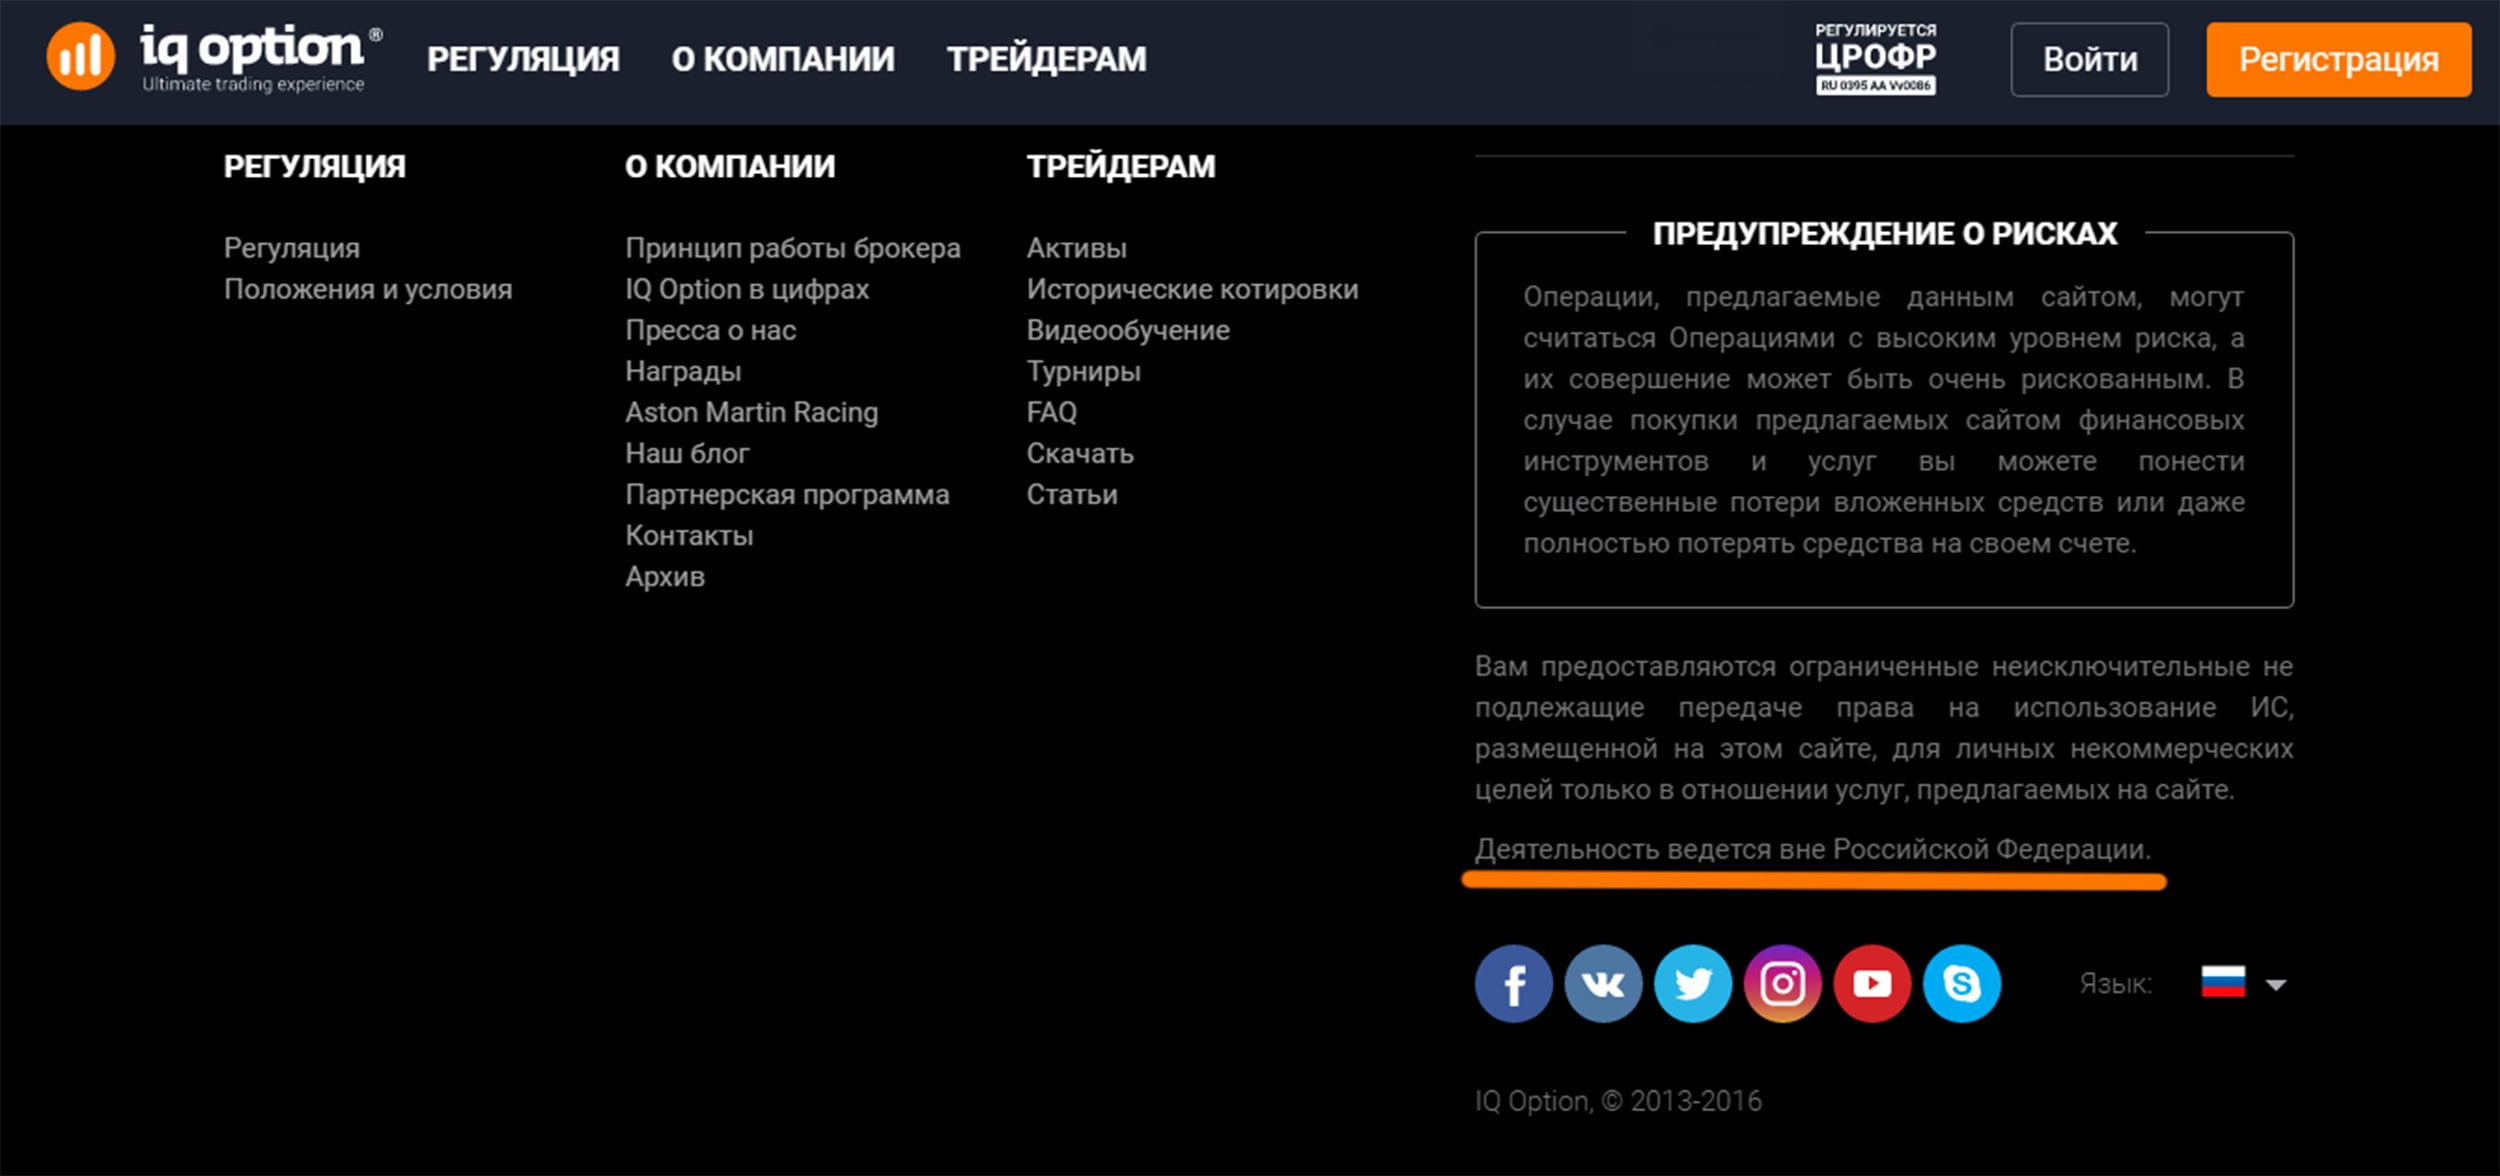 Почему IQ Option не работает в России?